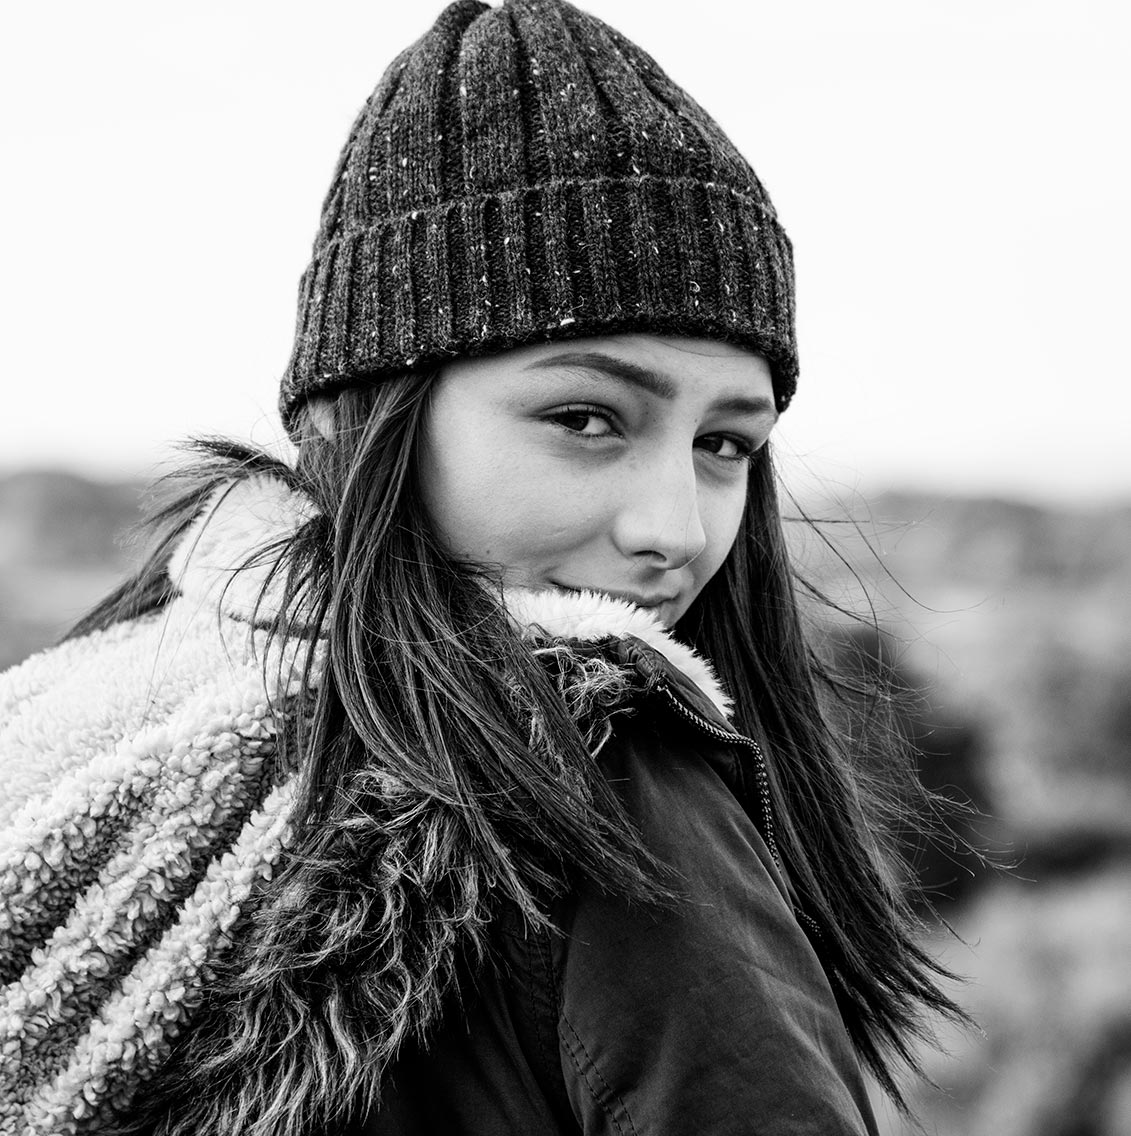 ragazza mora con berretta e sguardo rivolto indietro per scoprire il coraggio